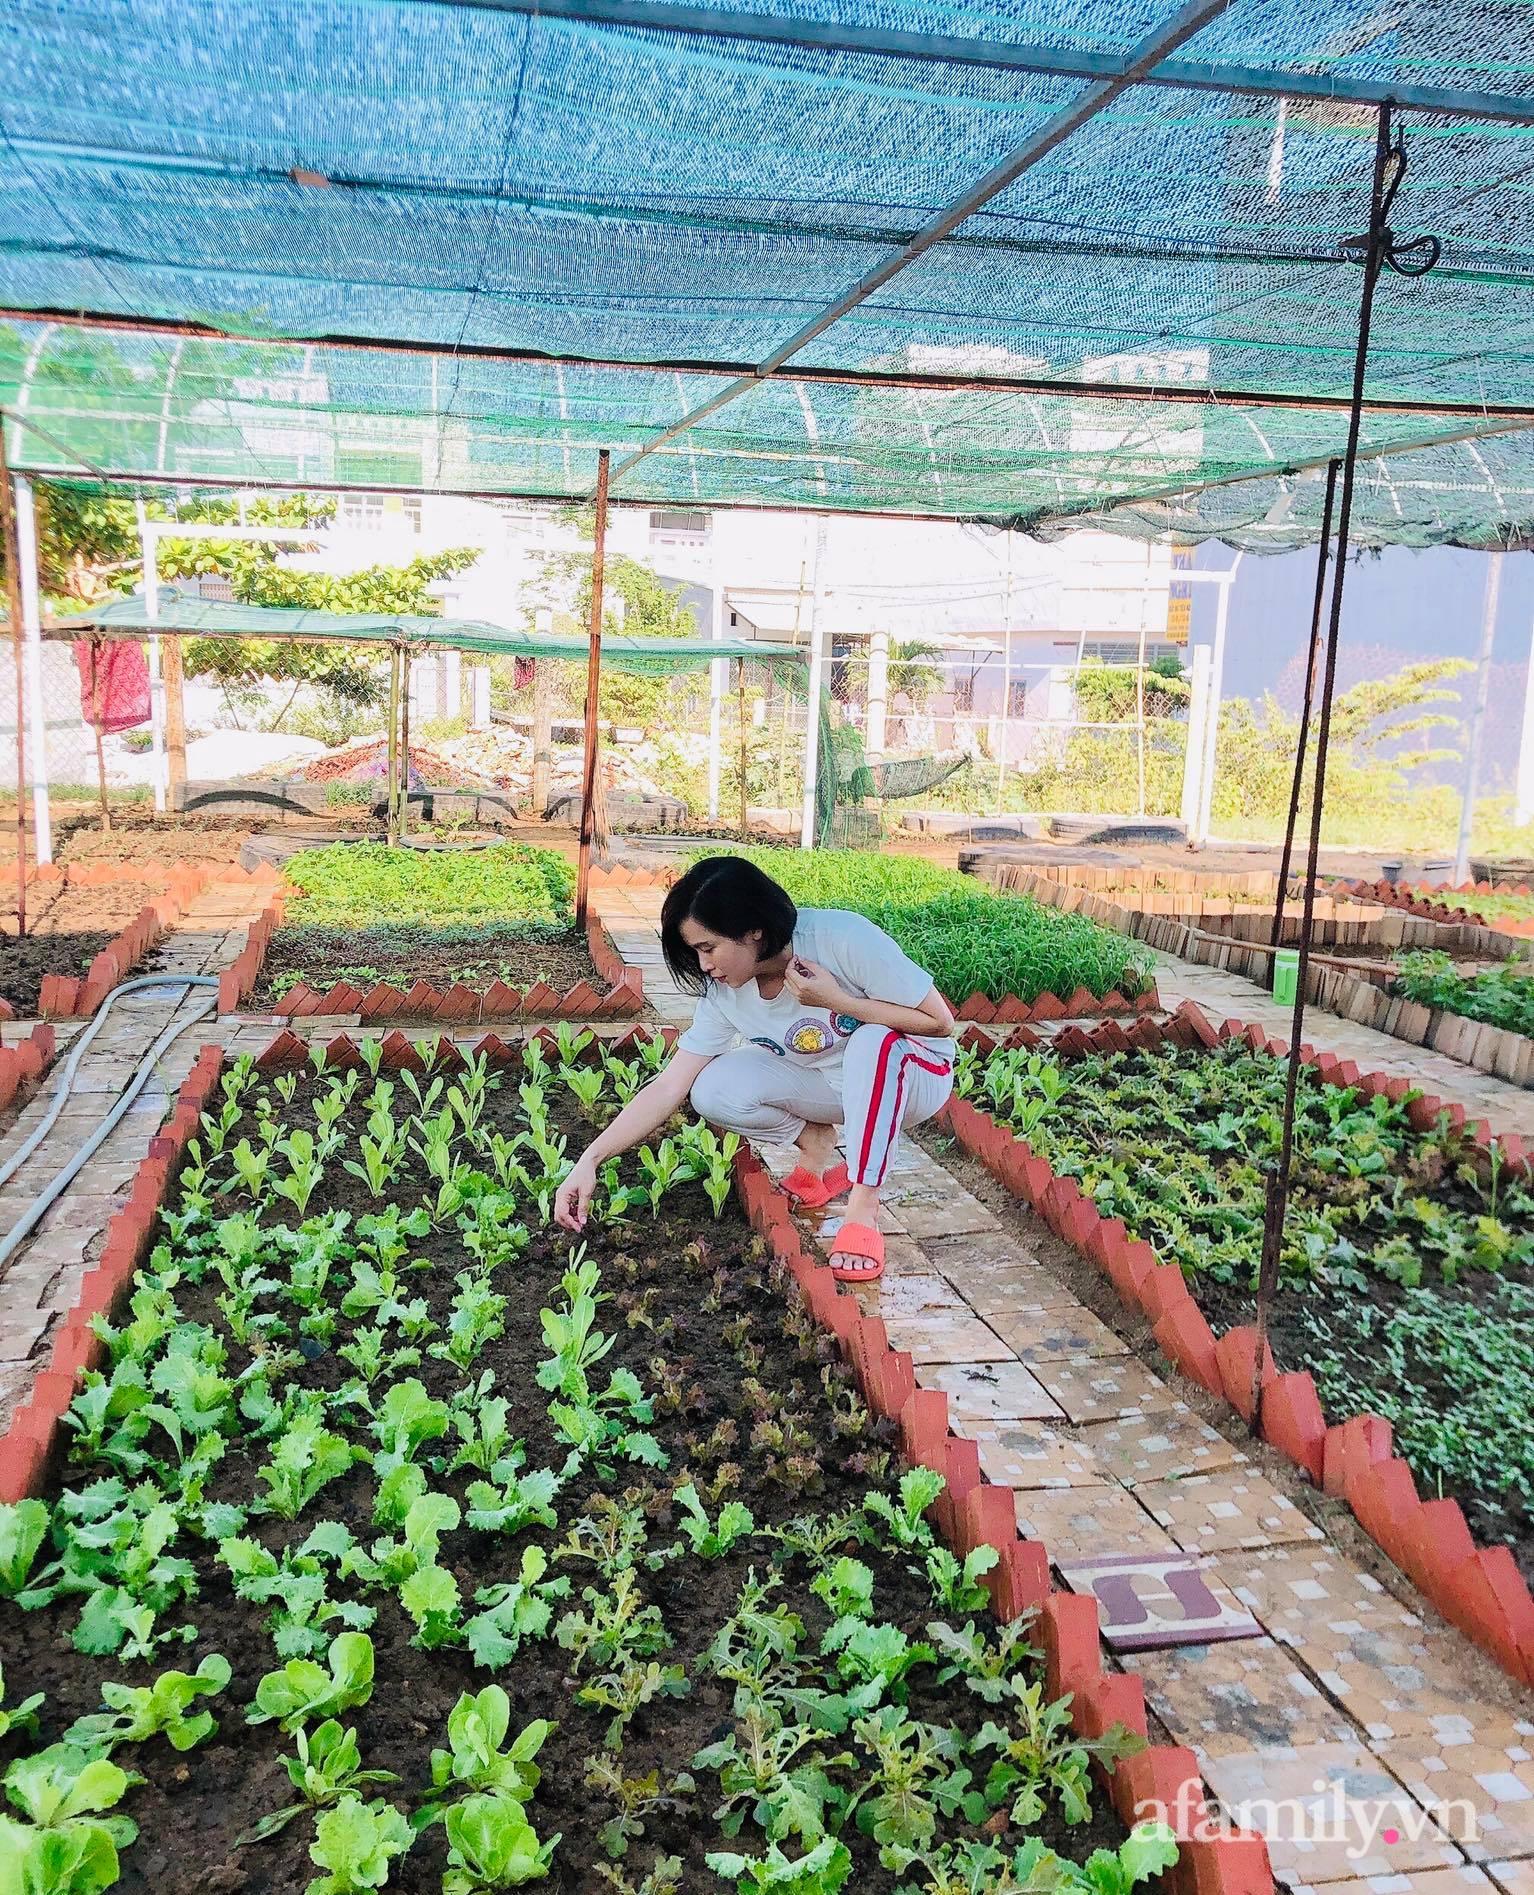 Vườn 500m² được quy hoạch khoa học để trồng đủ các loại rau quả sạch của mẹ đảm ở Quy Nhơn - Ảnh 1.